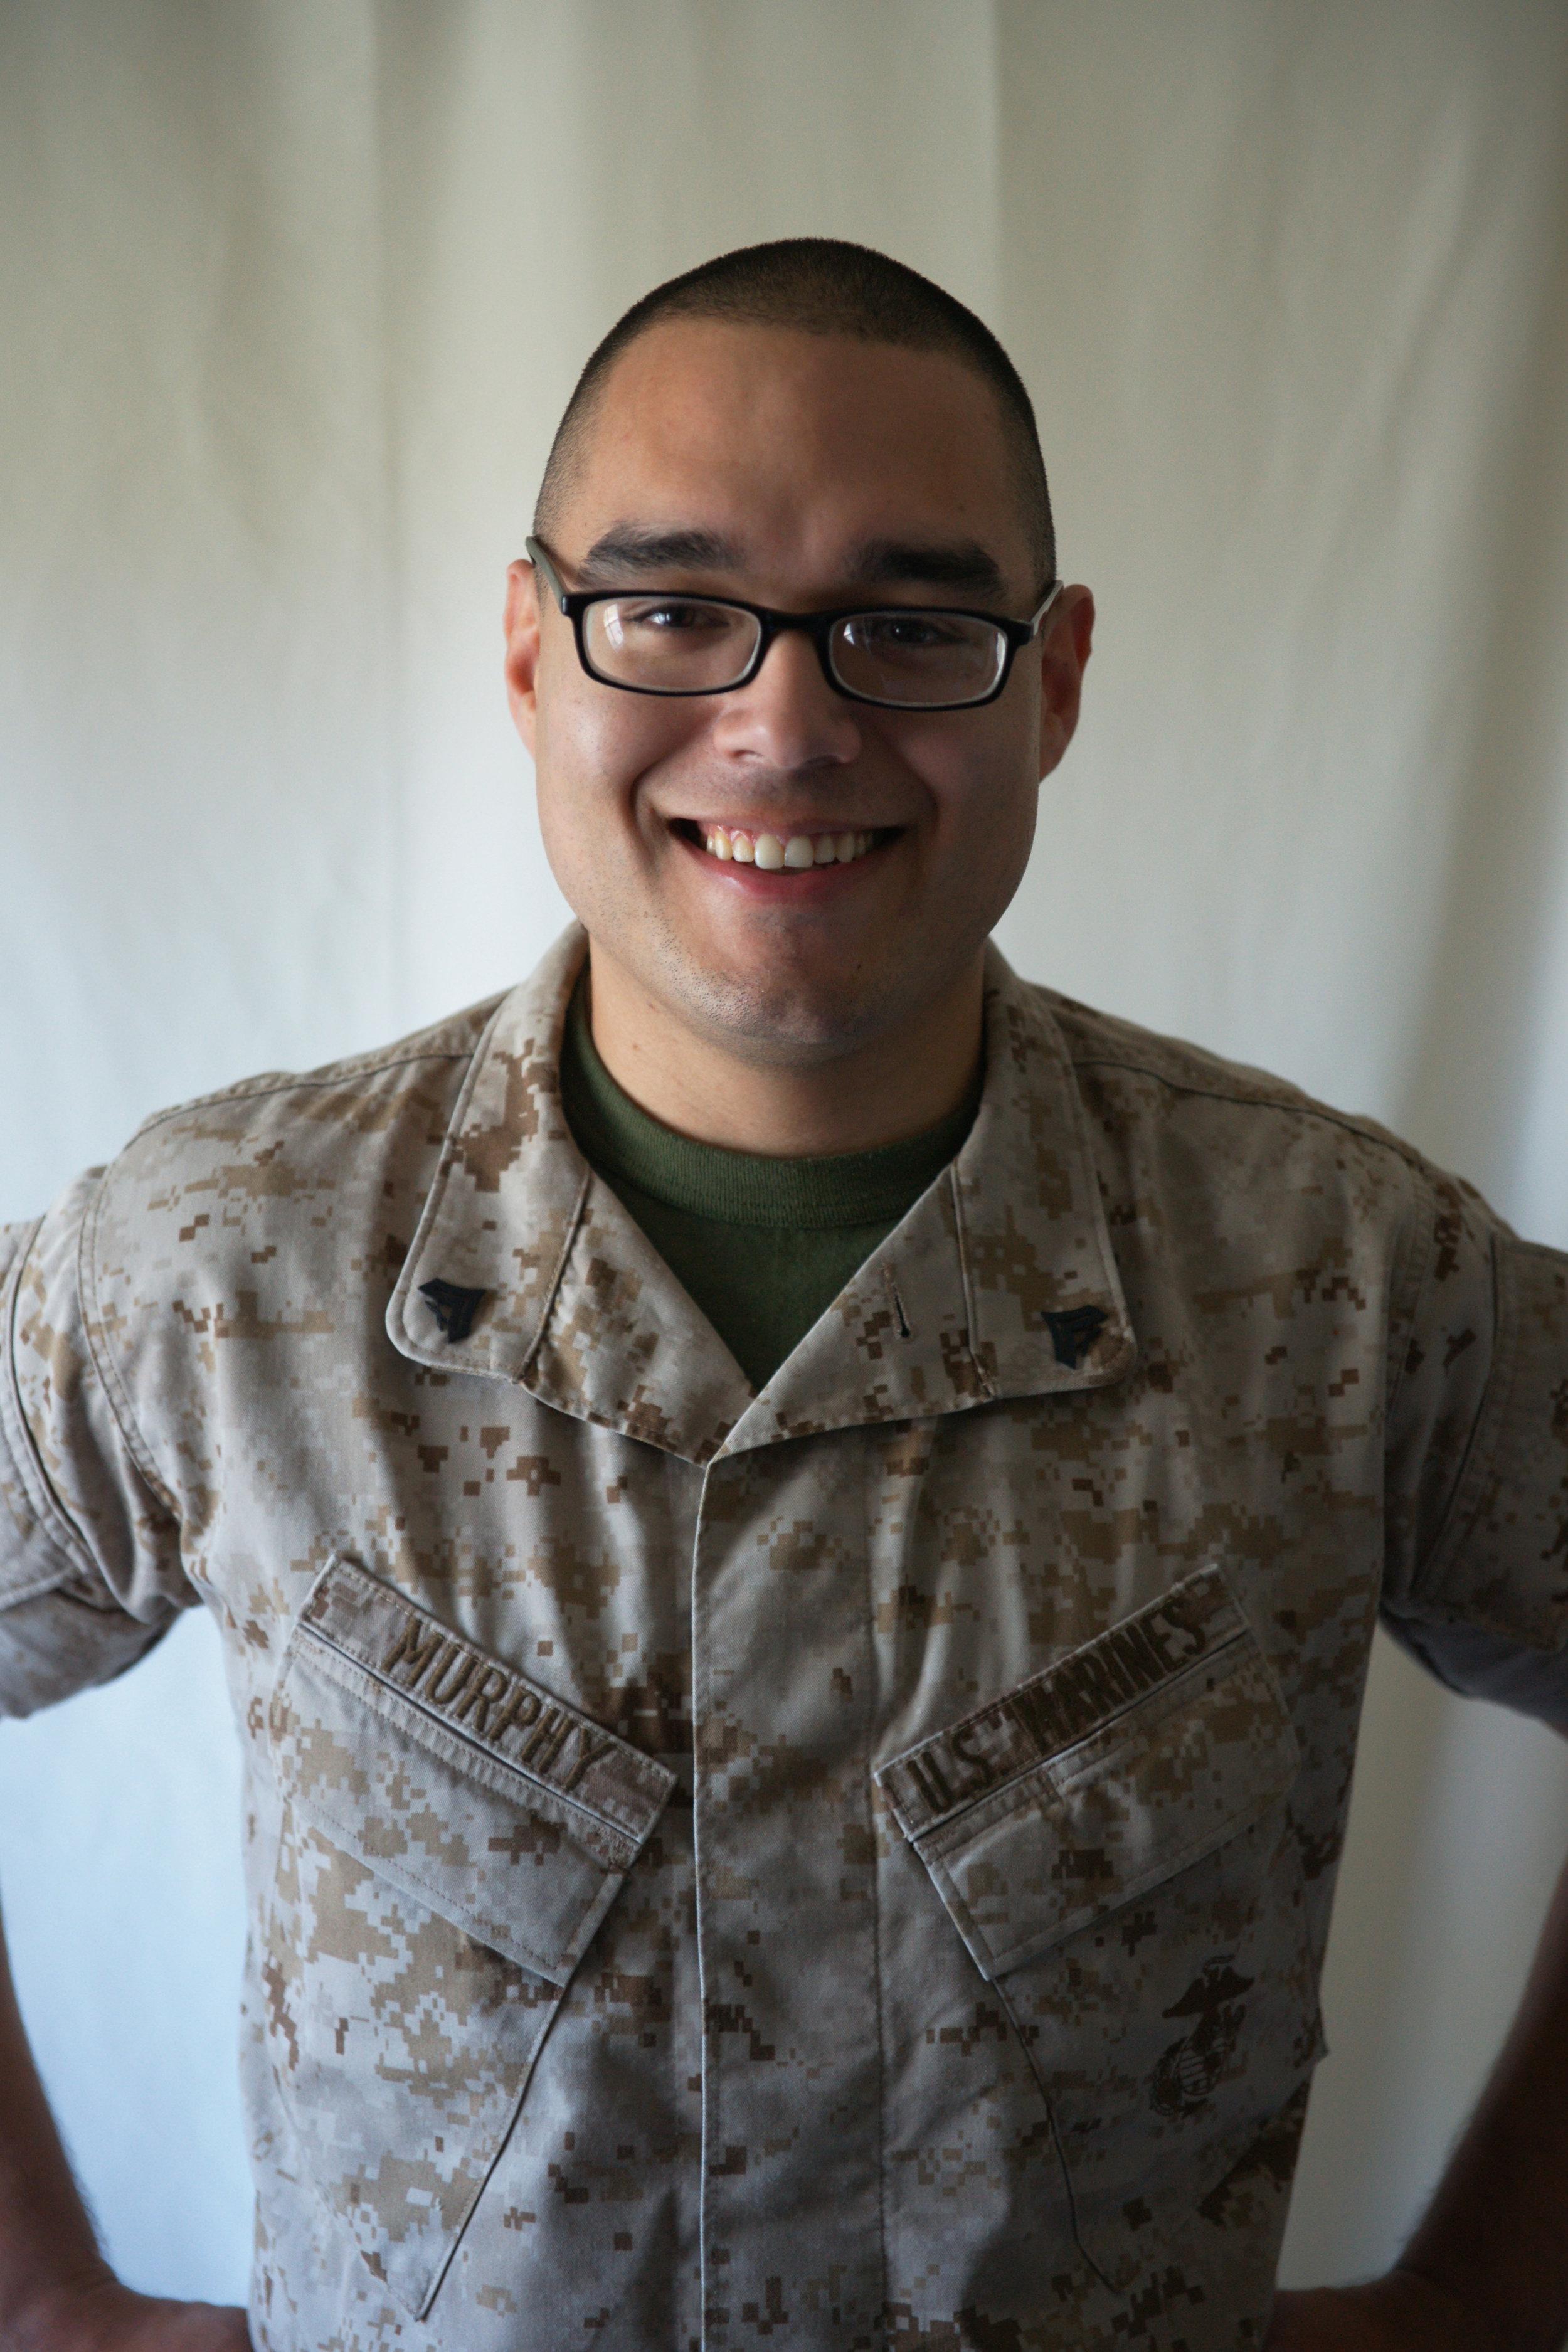 Ries' Marine Headshot